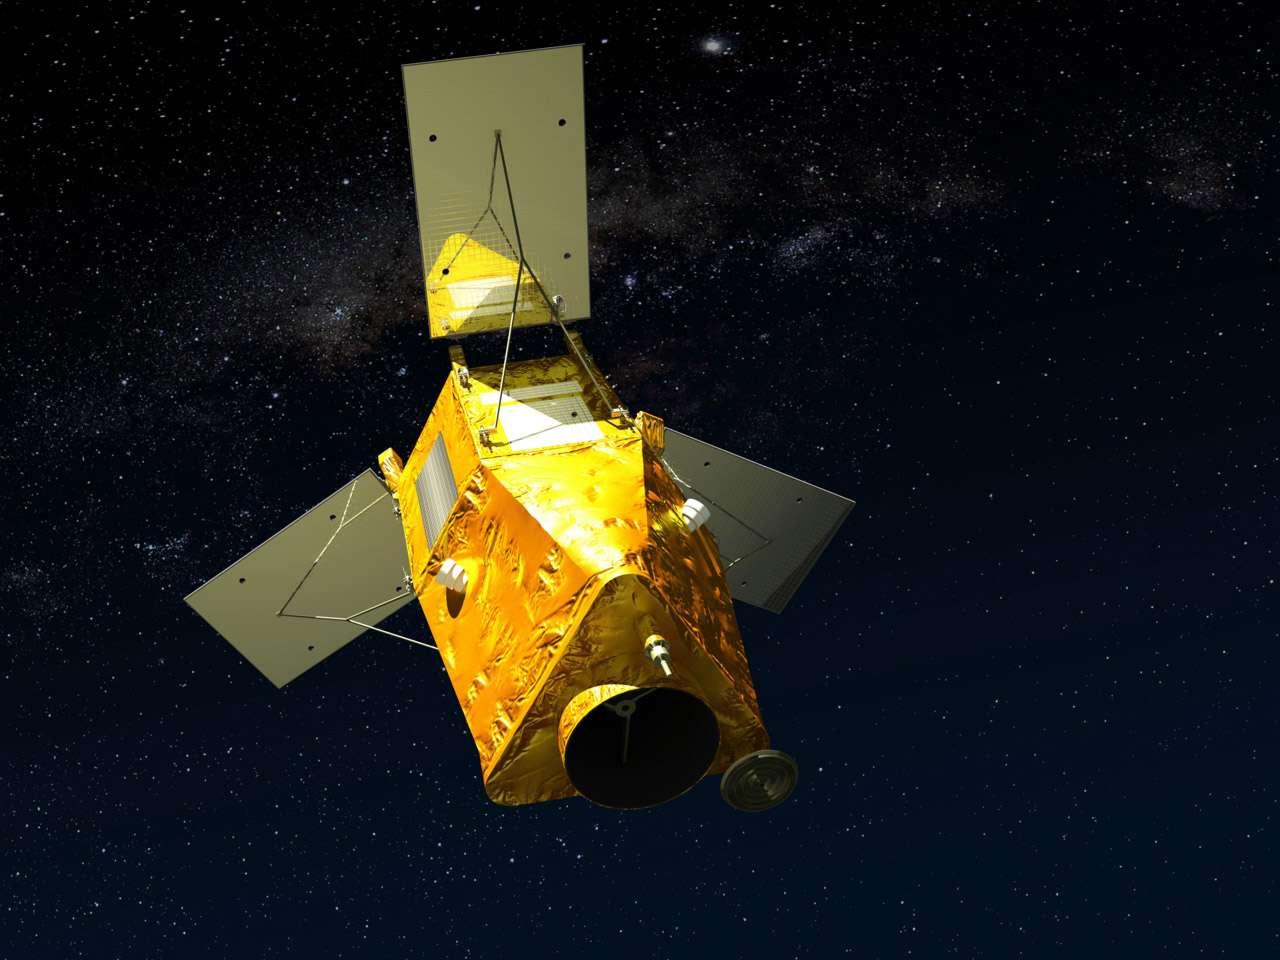 Ne cherchez pas, il n'existe pas de photographie du satellite KazEOSat-1 du Kazakhstan. Cette vue d'artiste en montre le moins possible, de façon à ce que les spécialistes ne se fassent pas une idée trop précise des réelles capacités de ce satellite. © Airbus Espace